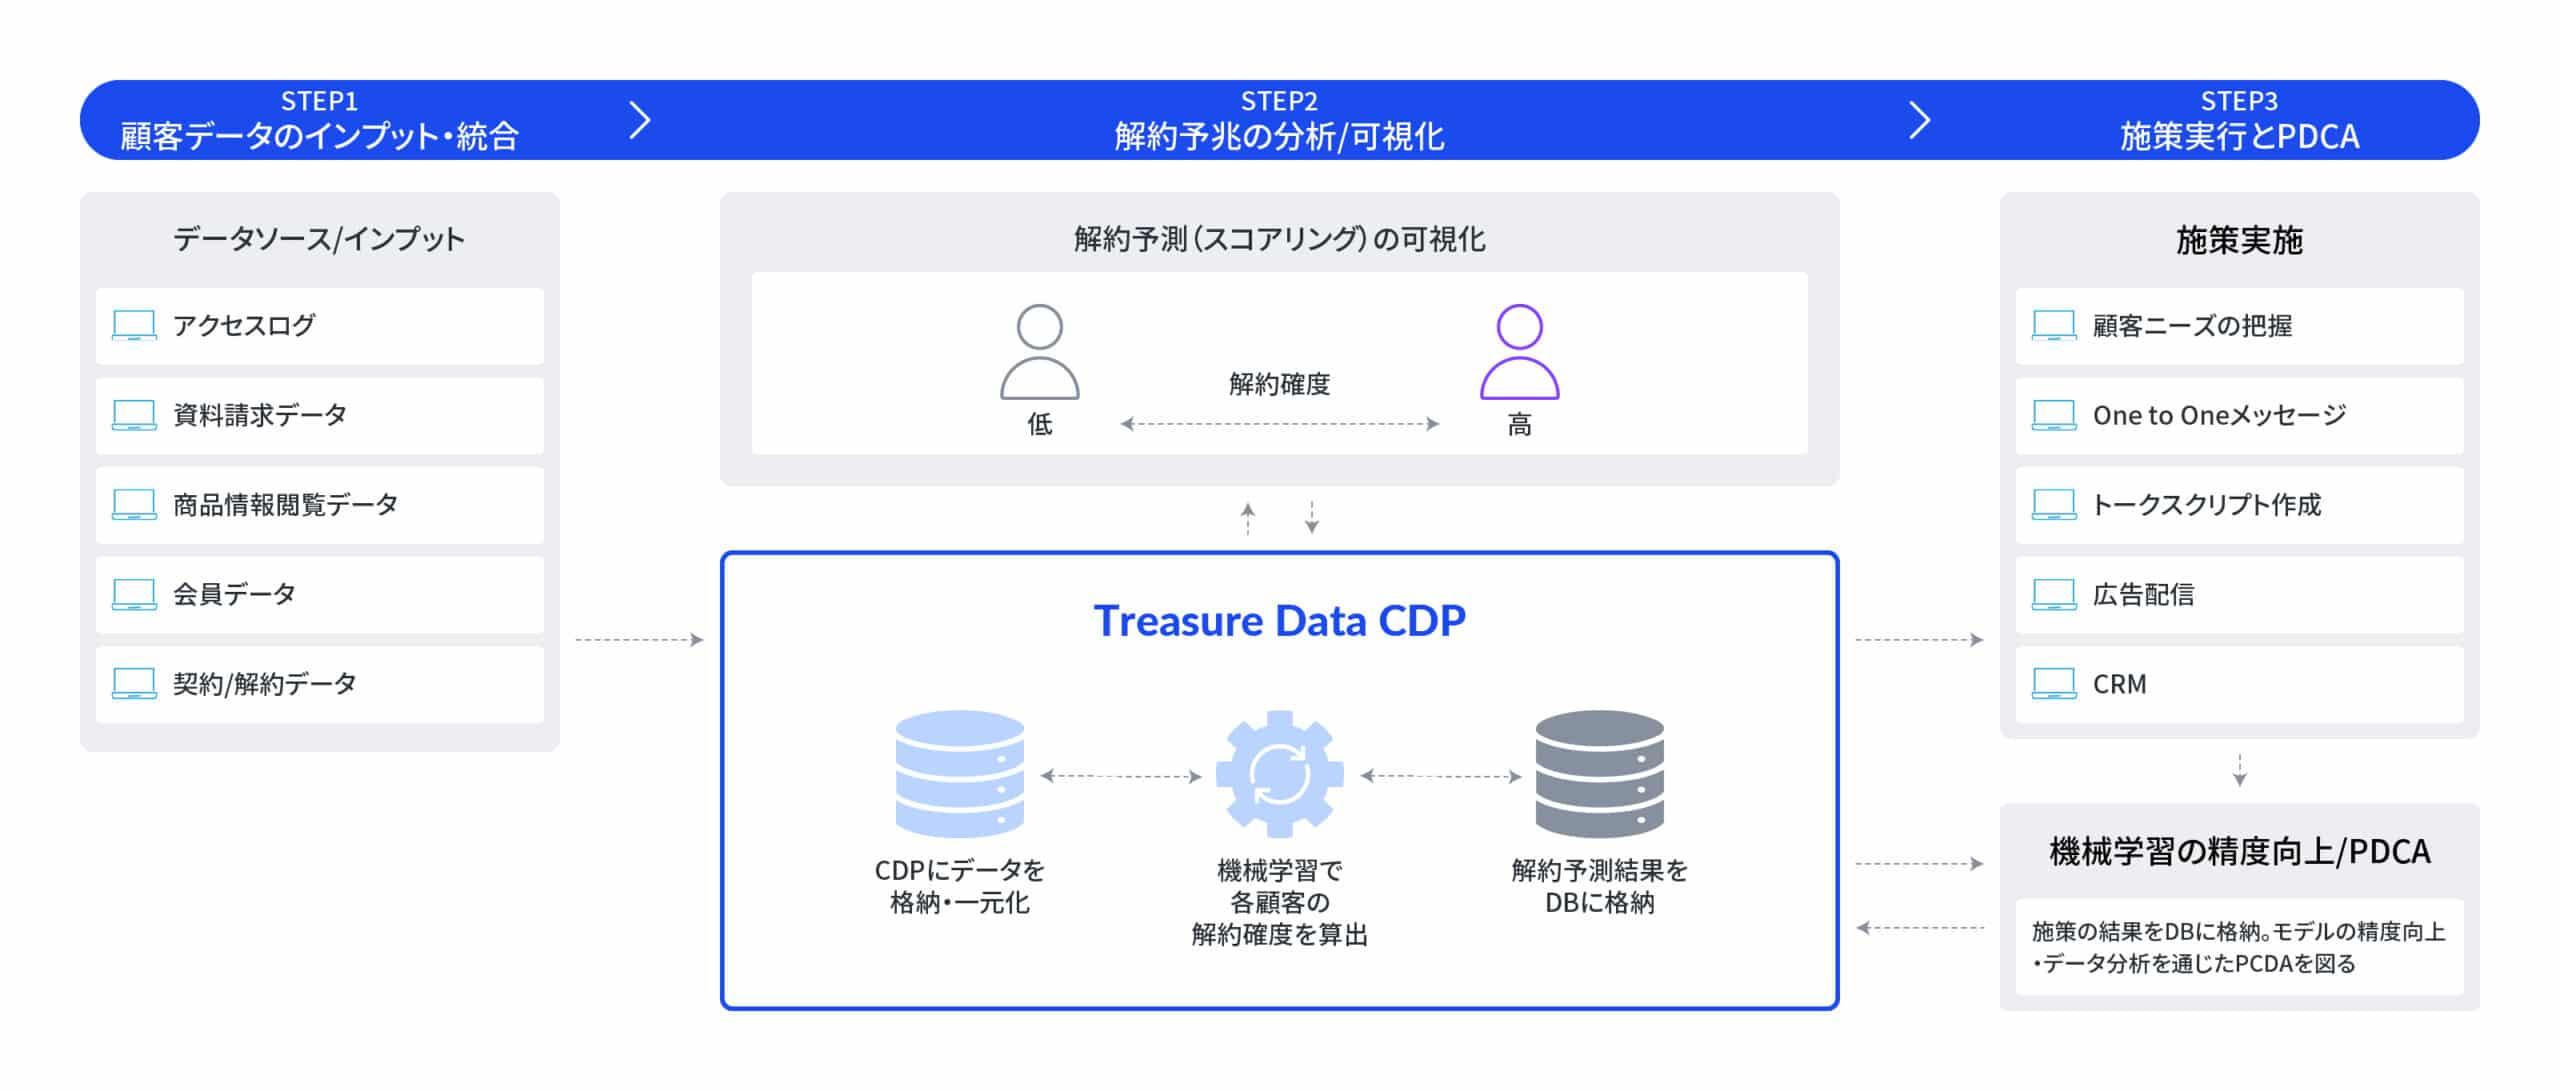 金融・保険業界でのCDP活用パターン3:解約予測と防止